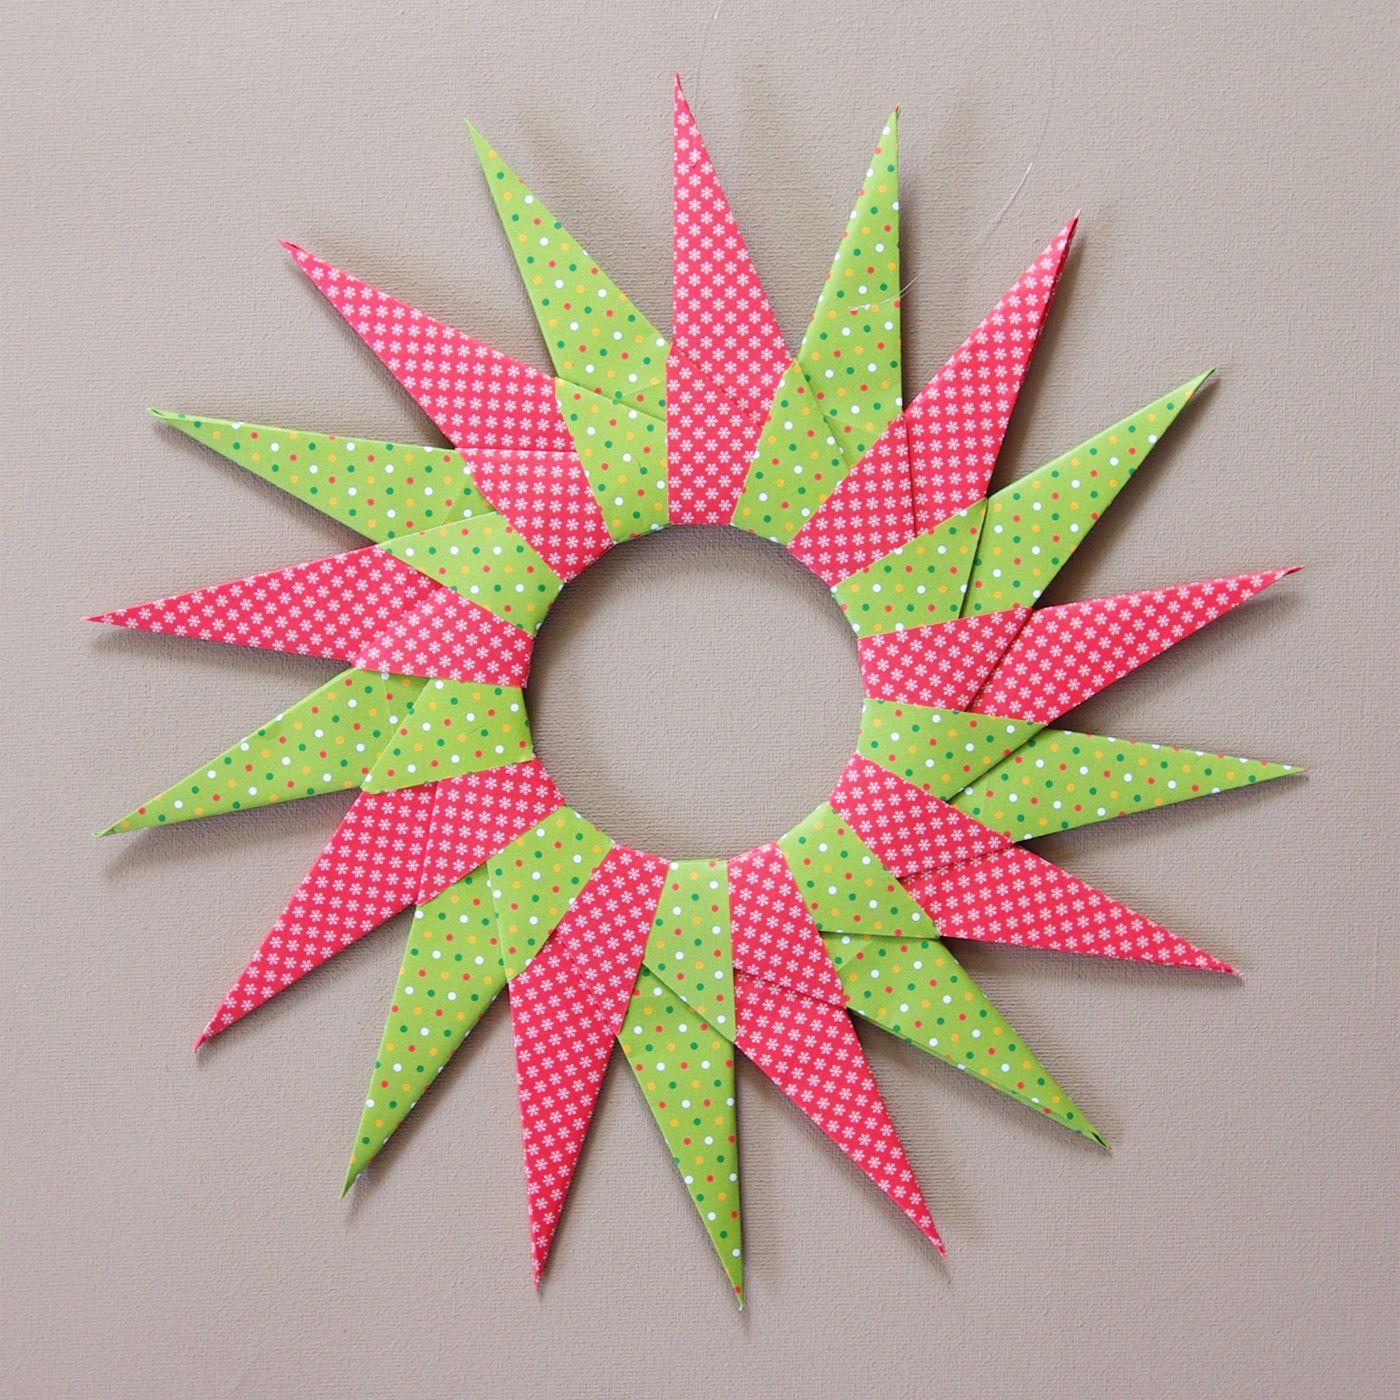 origami sterne falten faltsterne anleitung kostenlos fertig kreativ origami sterne origami. Black Bedroom Furniture Sets. Home Design Ideas